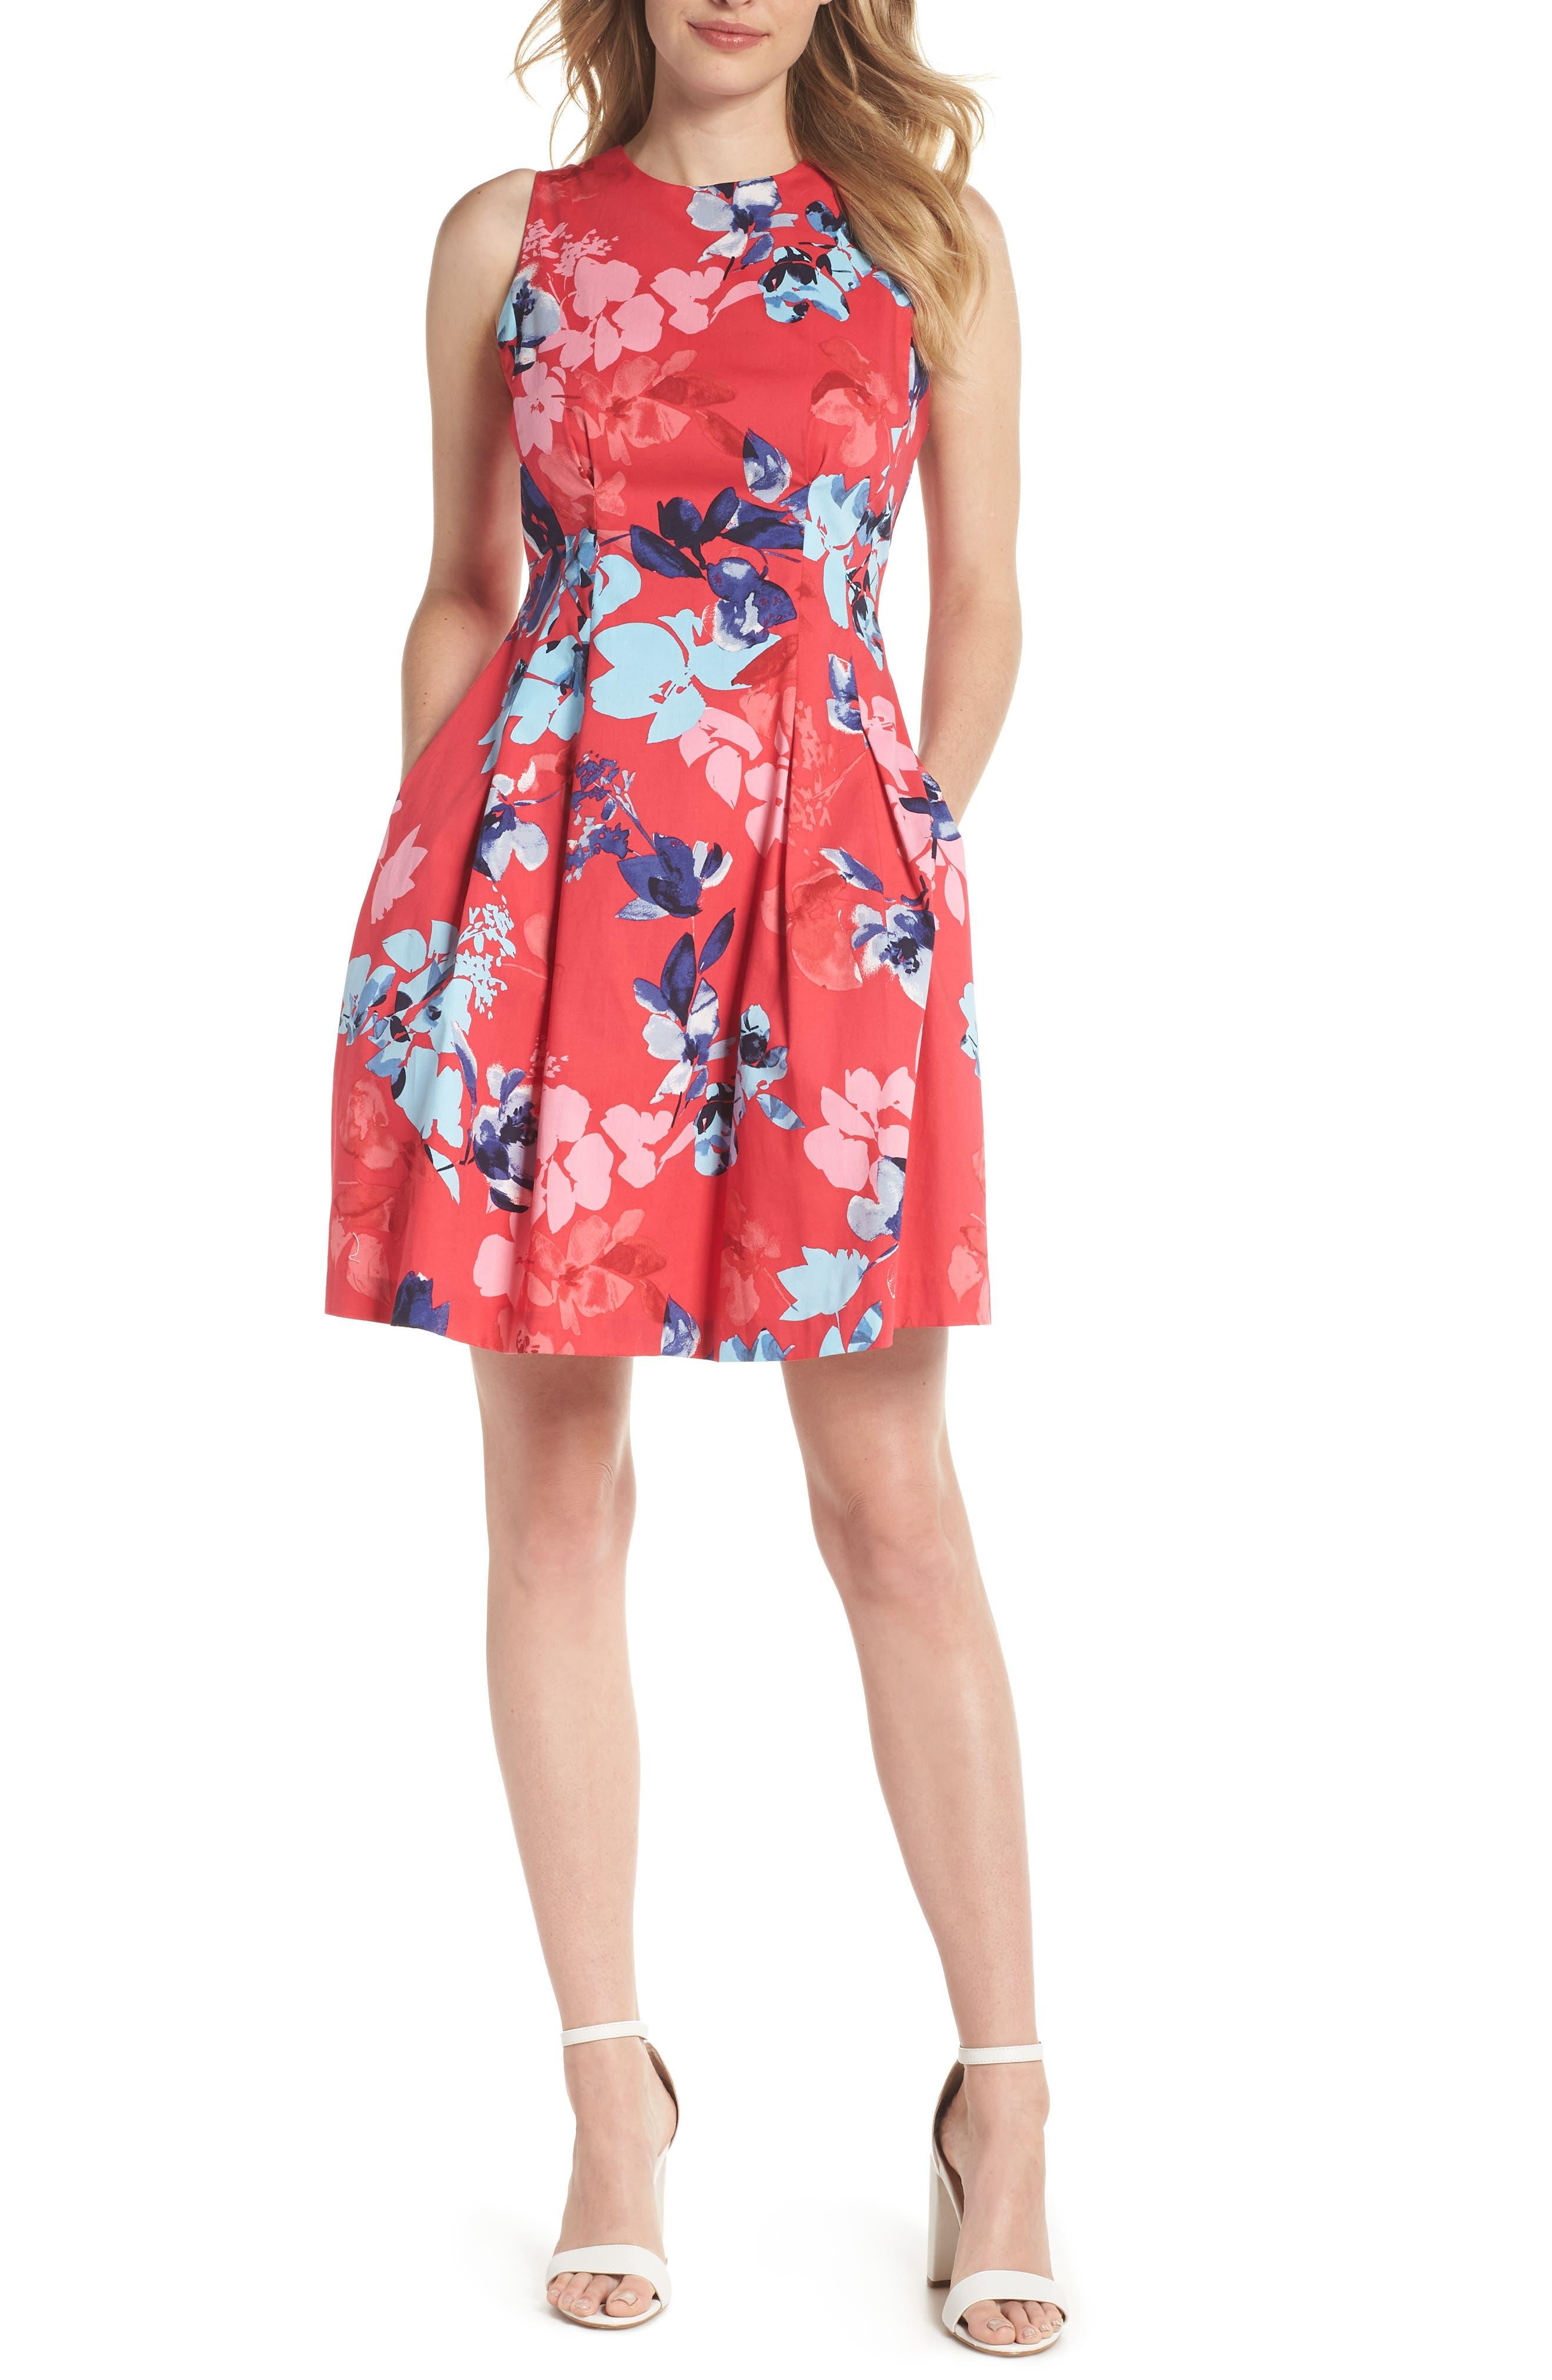 VINCE CAMUTO,                             Floral Cotton Fit & Flare Dress,                             Main thumbnail 1, color,                             653